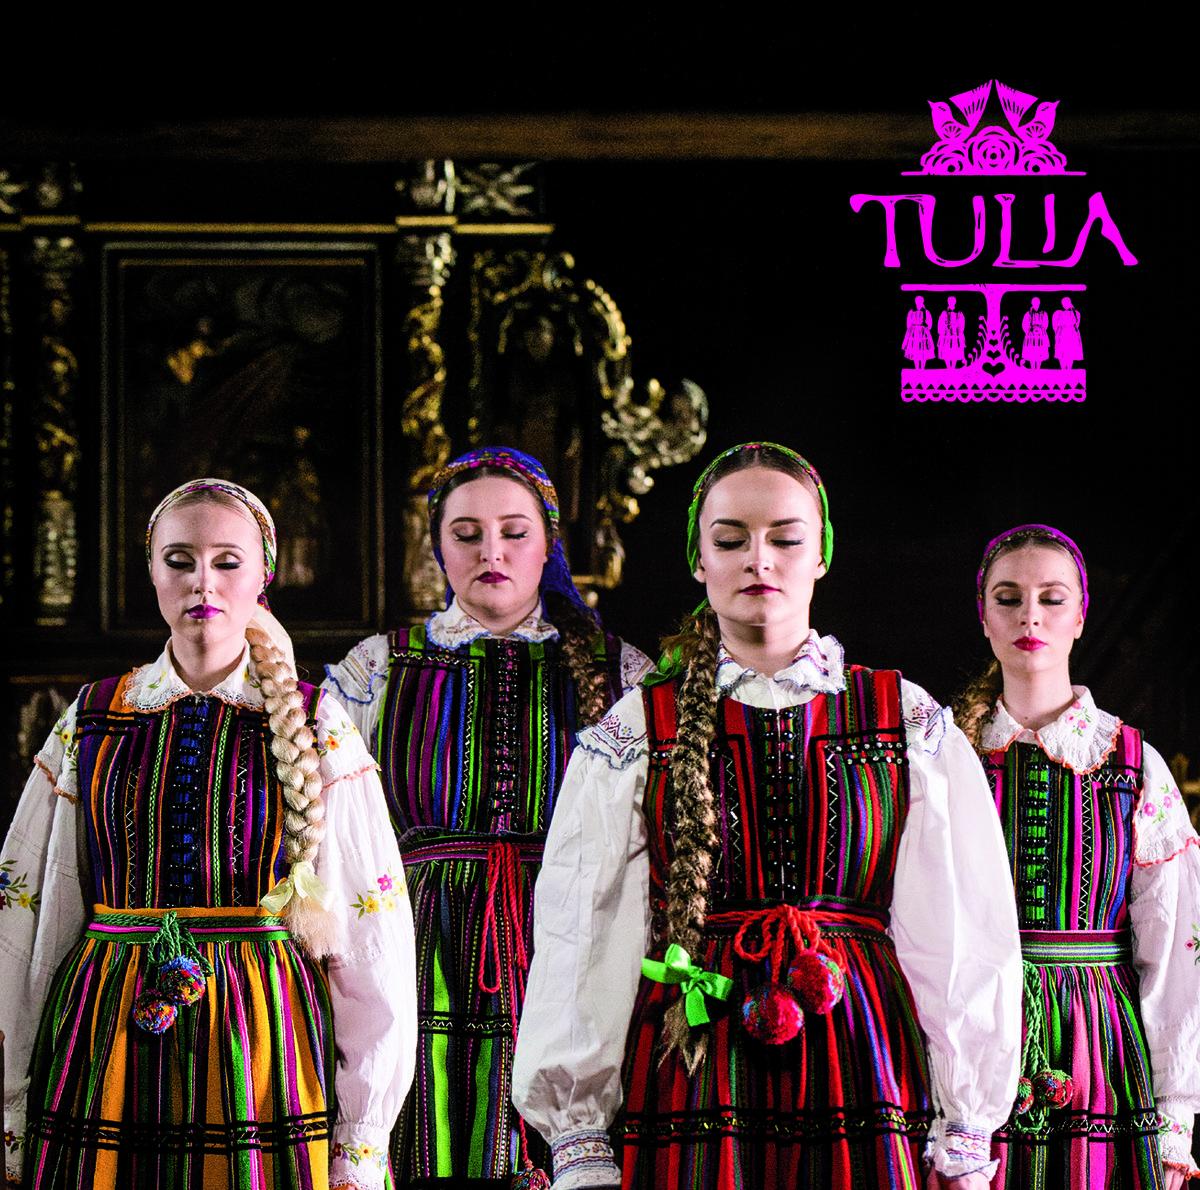 Tulia czyli cztery młode kobiety ze Szczecina, które zdobyły wszystkie nagrody w koncercie Premier 55 KFPP w Opolu